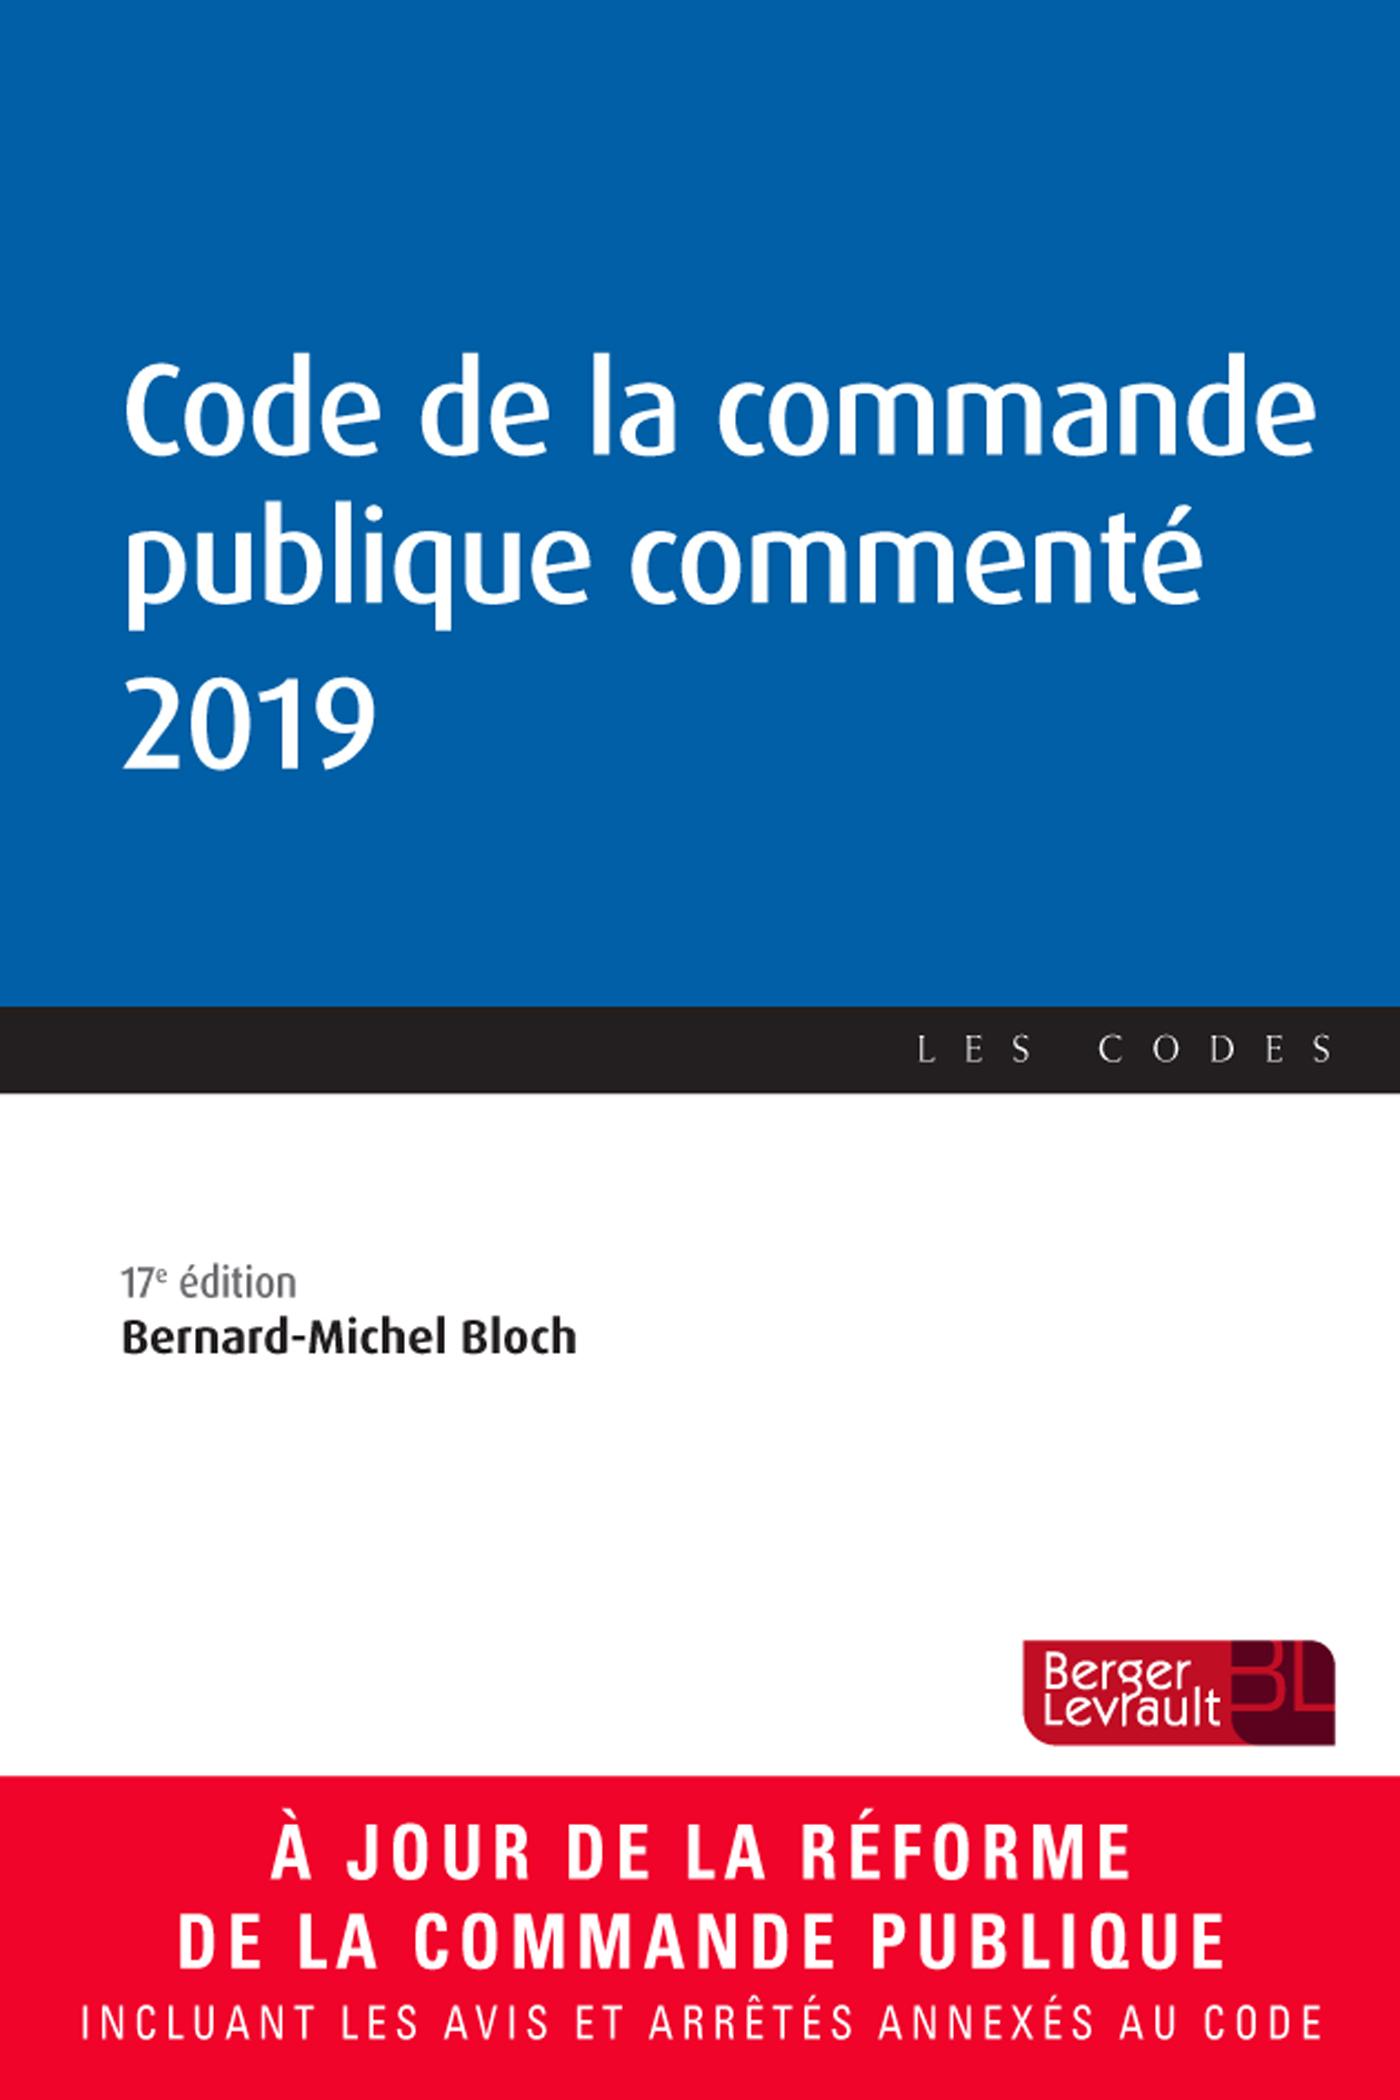 CODE DE LA COMMANDE PUBLIQUE COMMENTE 2019 (17E ED.)